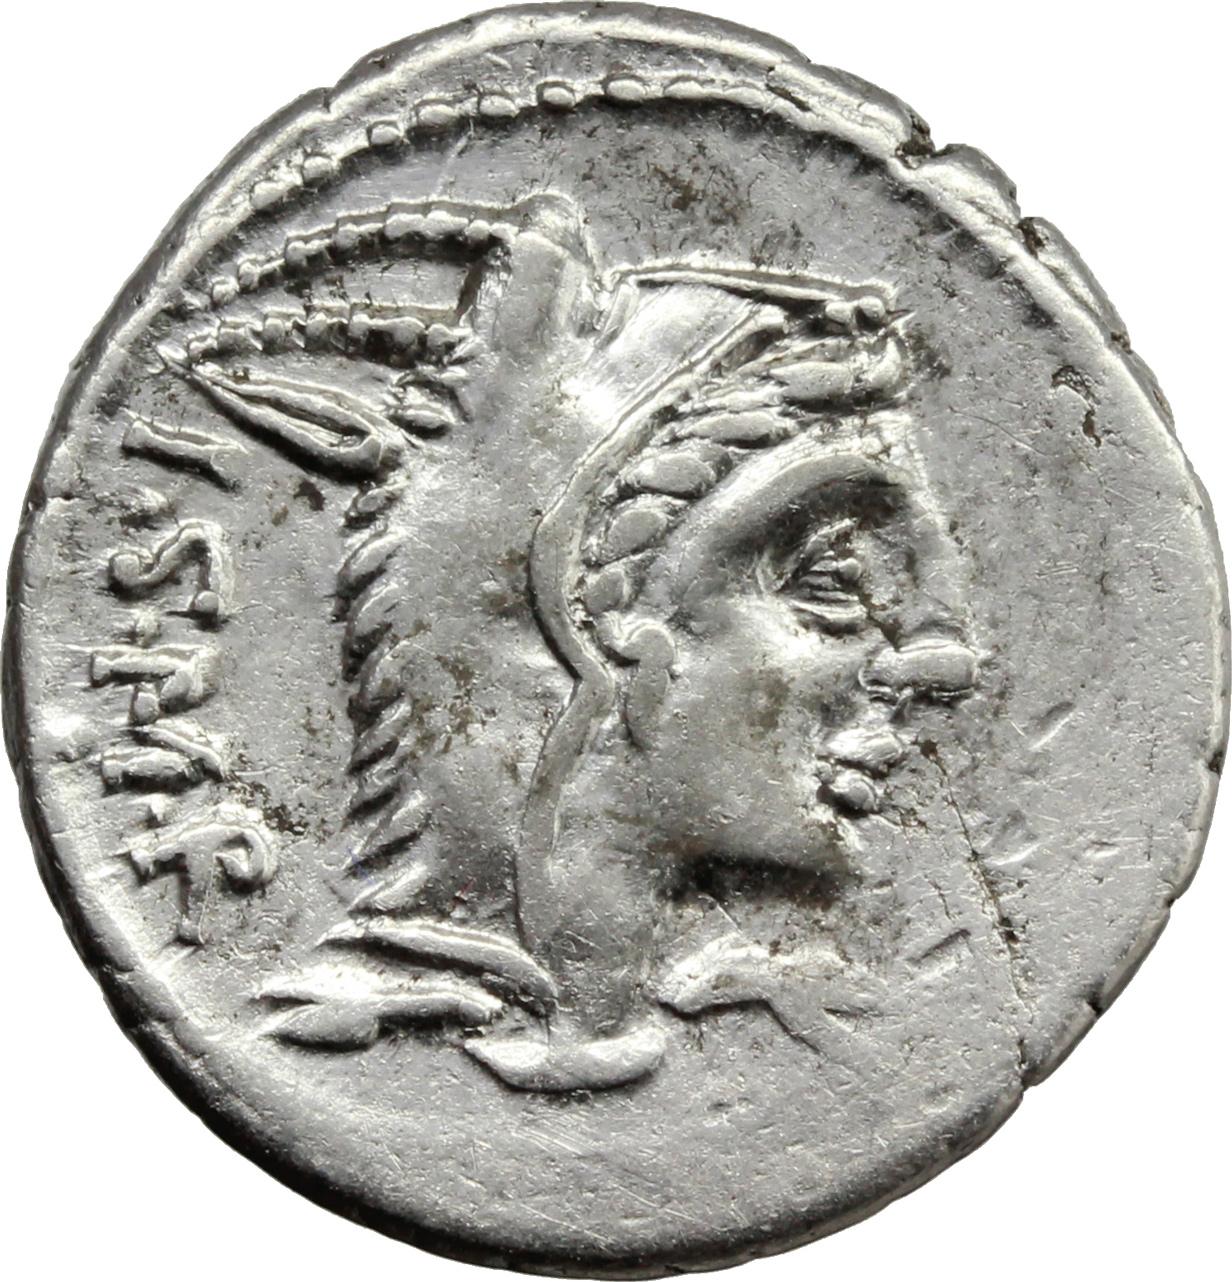 Lot 149 - L  Thorius Balbus  AR Brockage Denarius, 105 BC